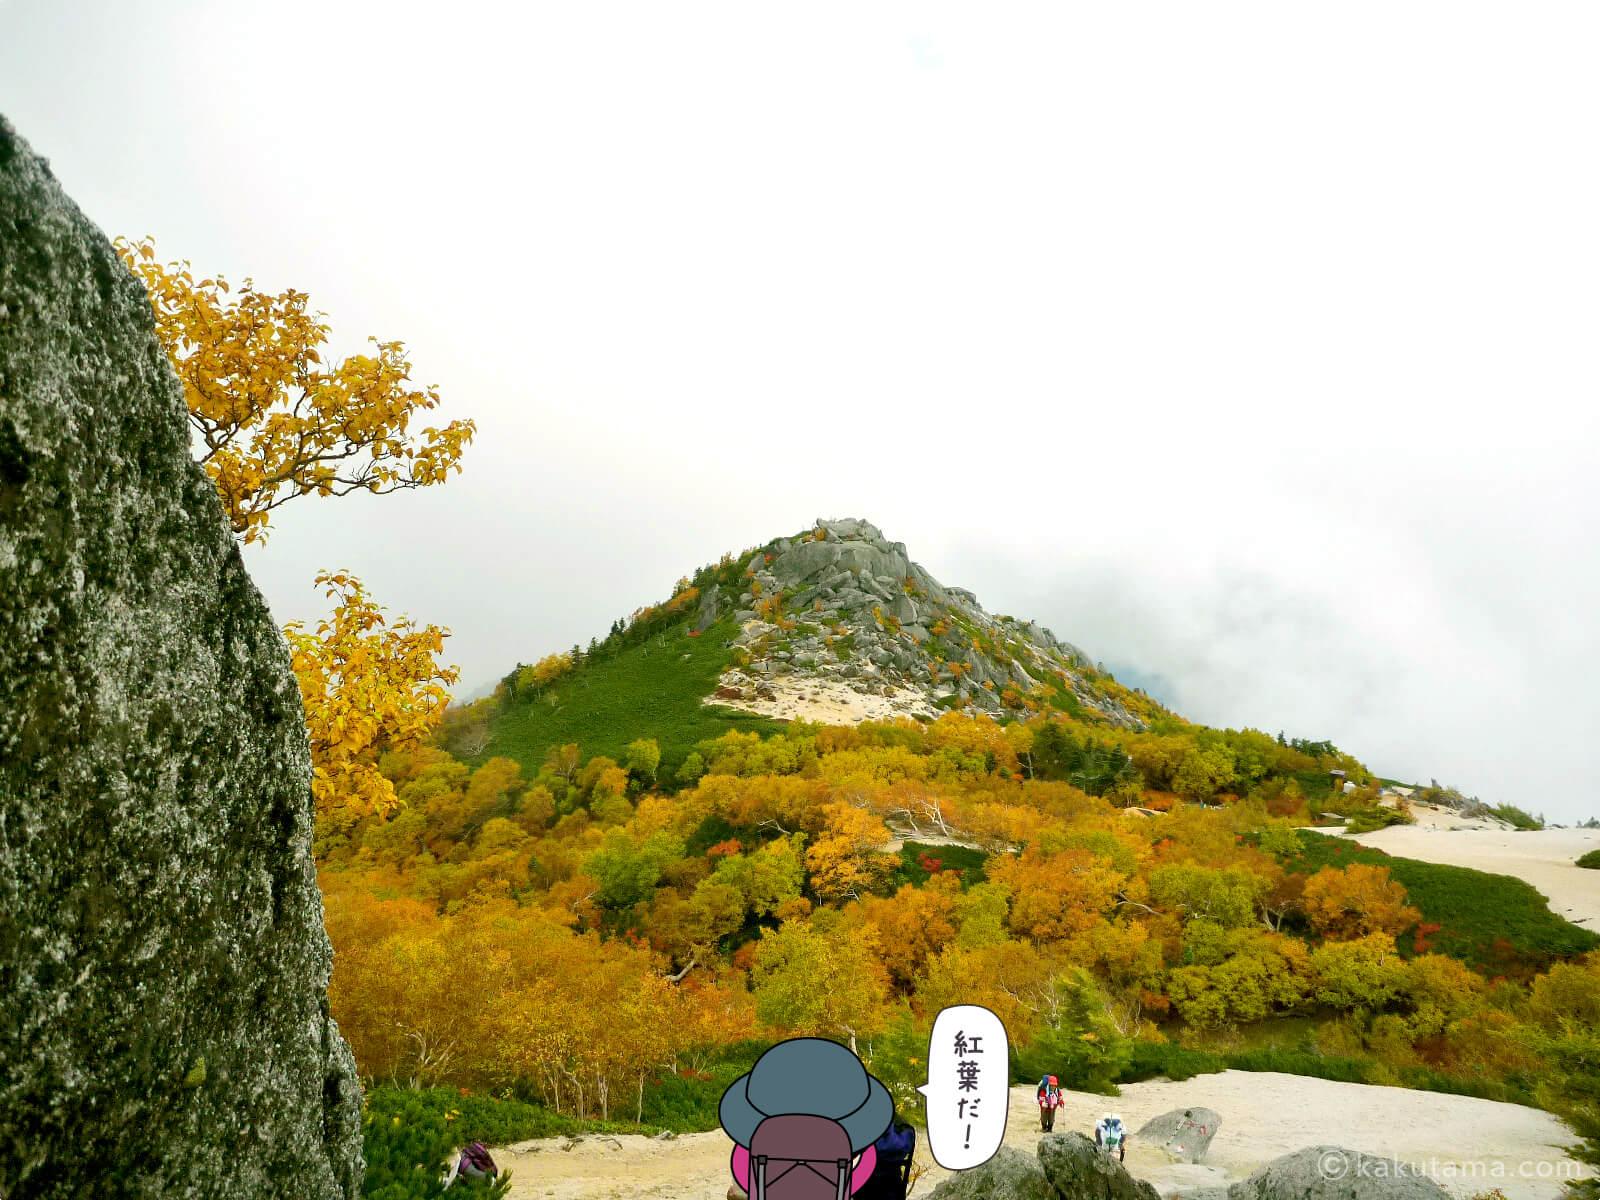 鳳凰三山薬師岳での紅葉写真とイラスト6